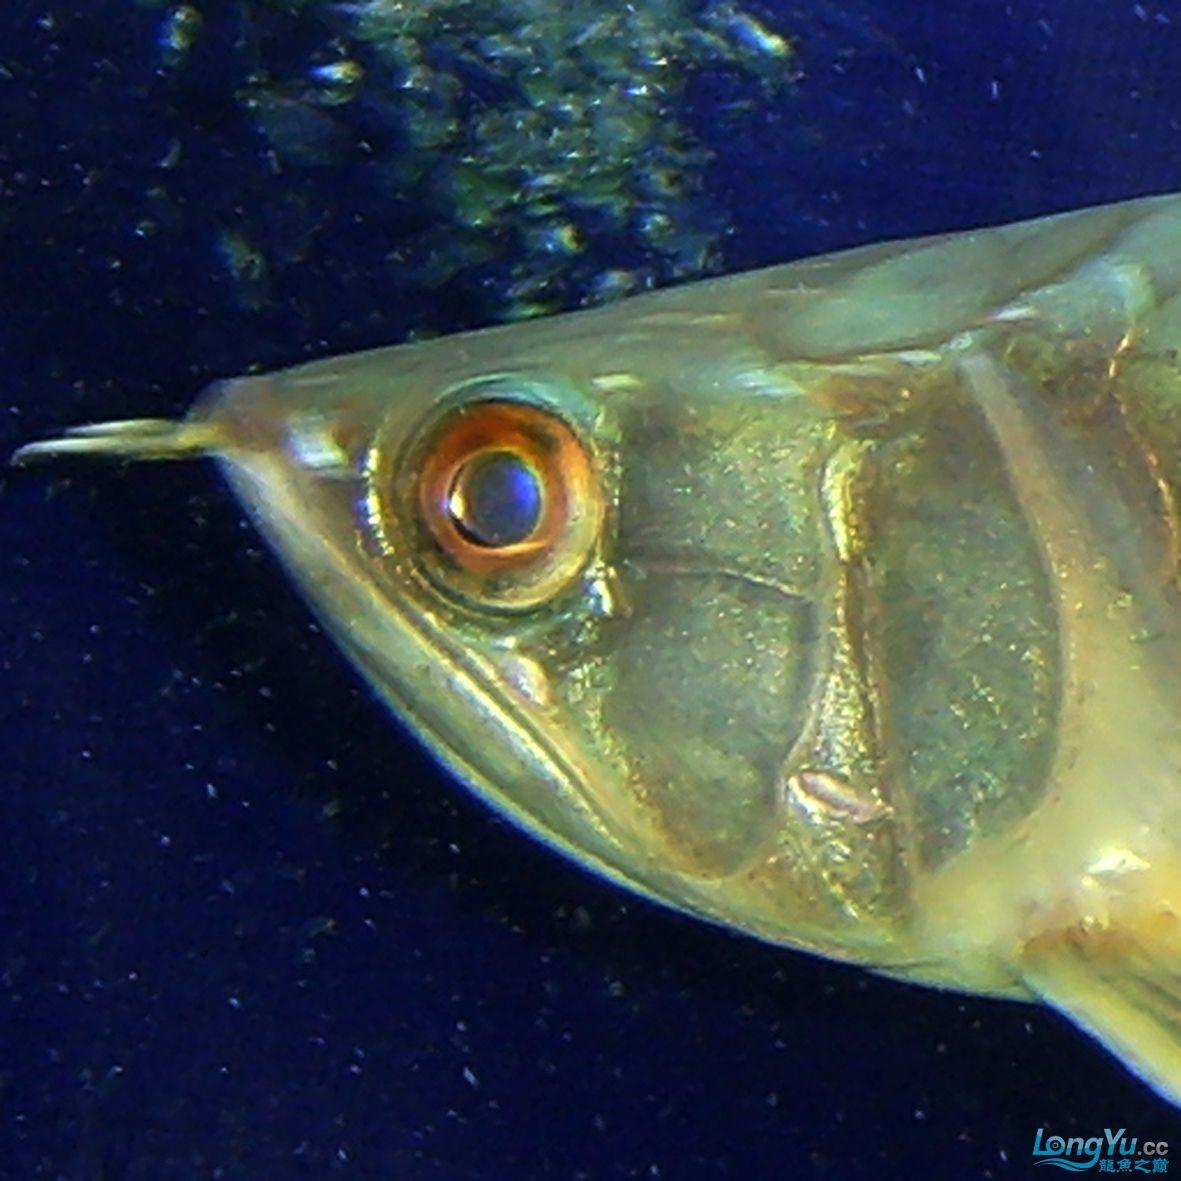 【西安巴厘岛观赏鱼中心6】神龙丁丁:看看是 母鱼还是公鱼? 西安观赏鱼信息 西安博特第1张